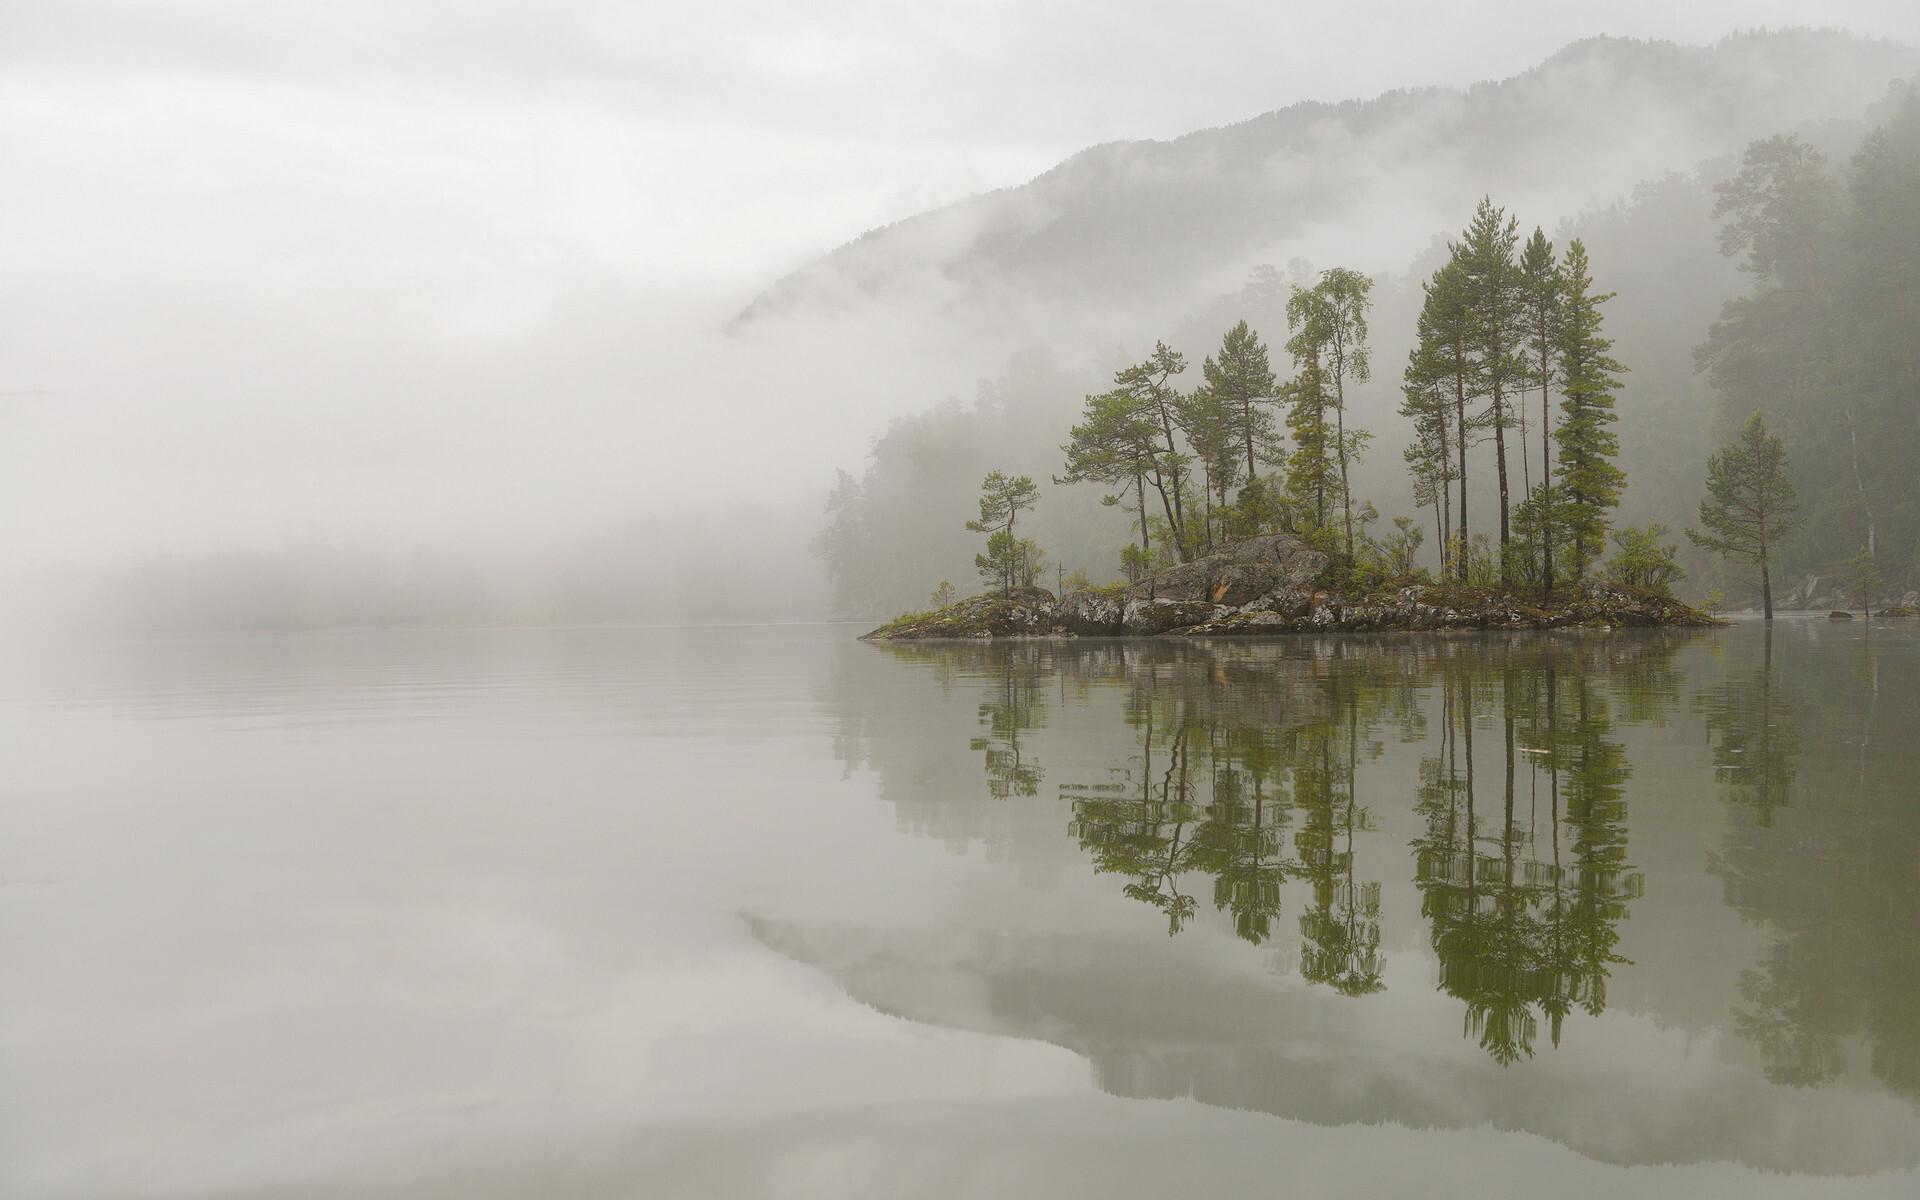 Алтайский заповедник. Туманное утро на Телецком озере. Фотограф Игорь Шпиленок